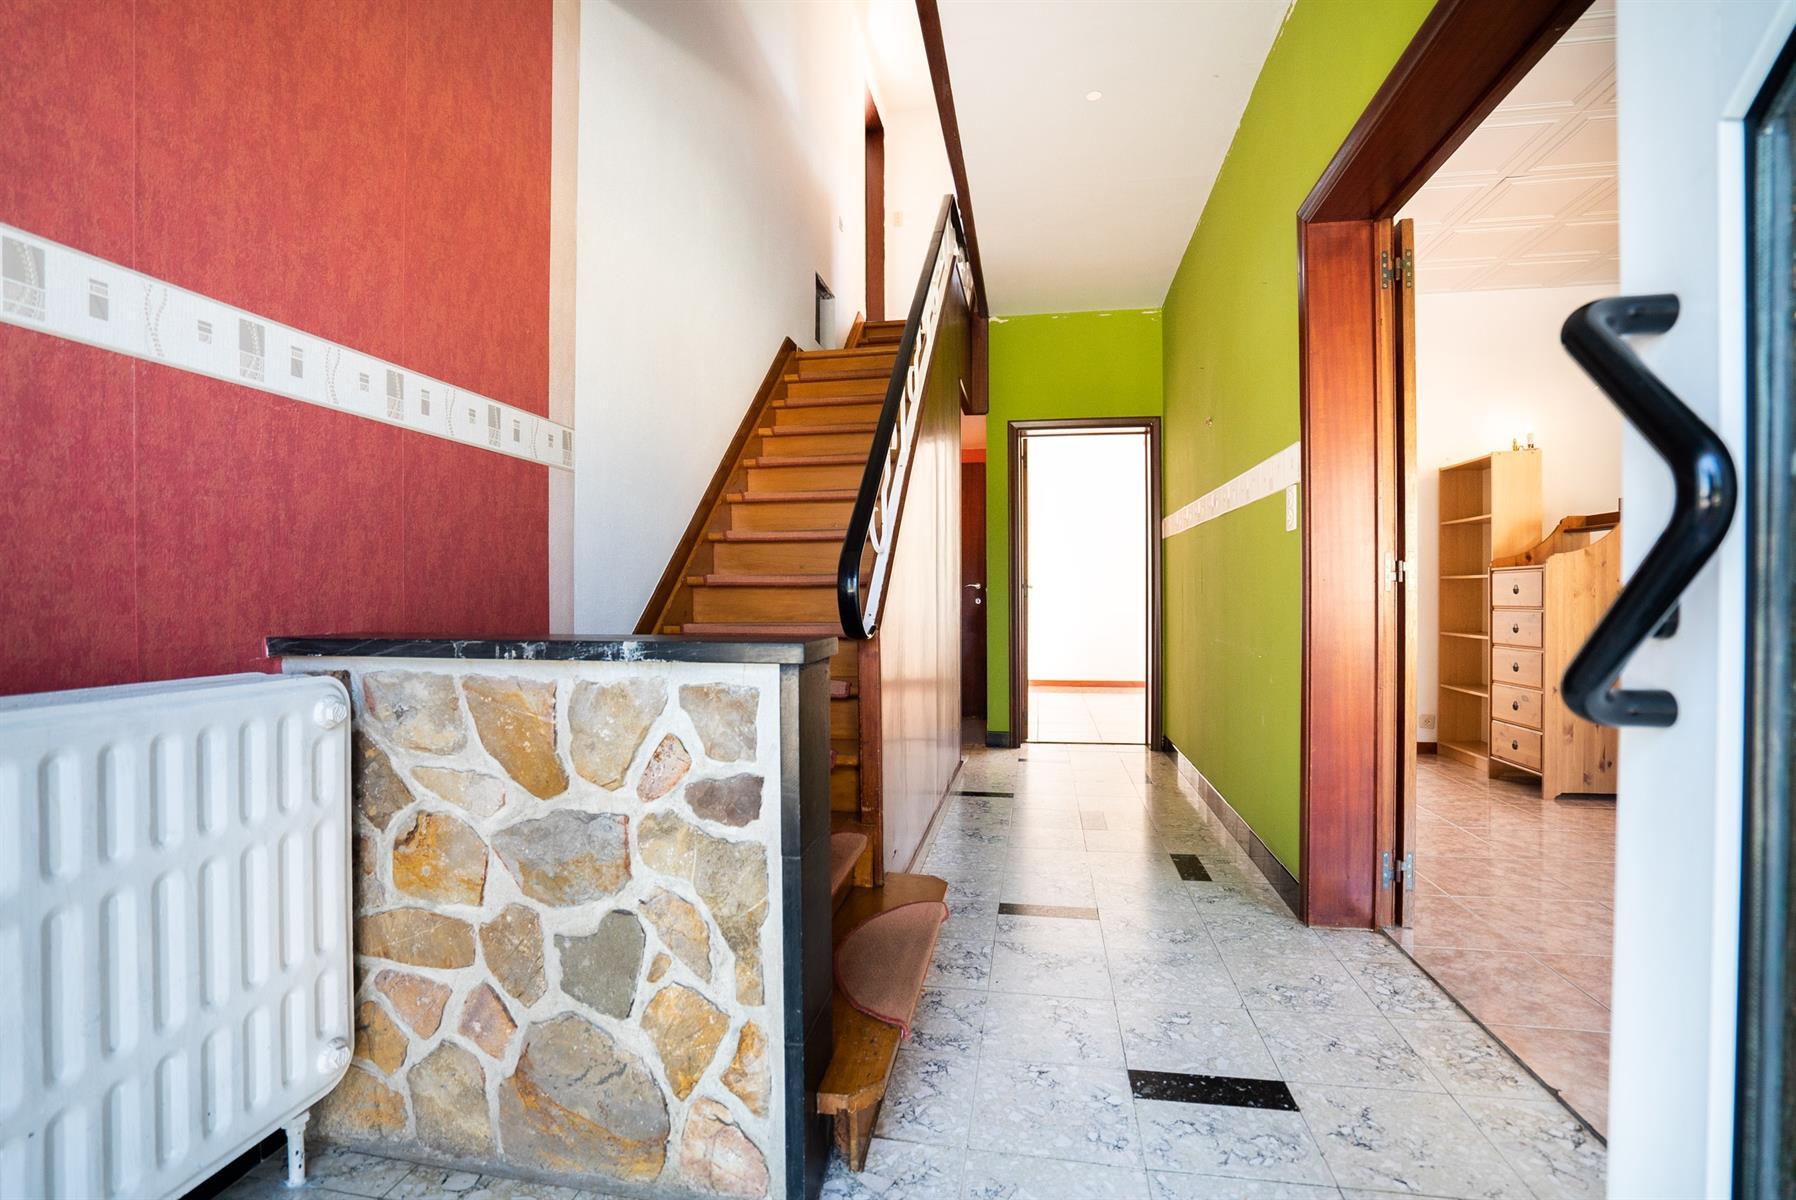 Maison - Verviers Stembert - #4406533-2